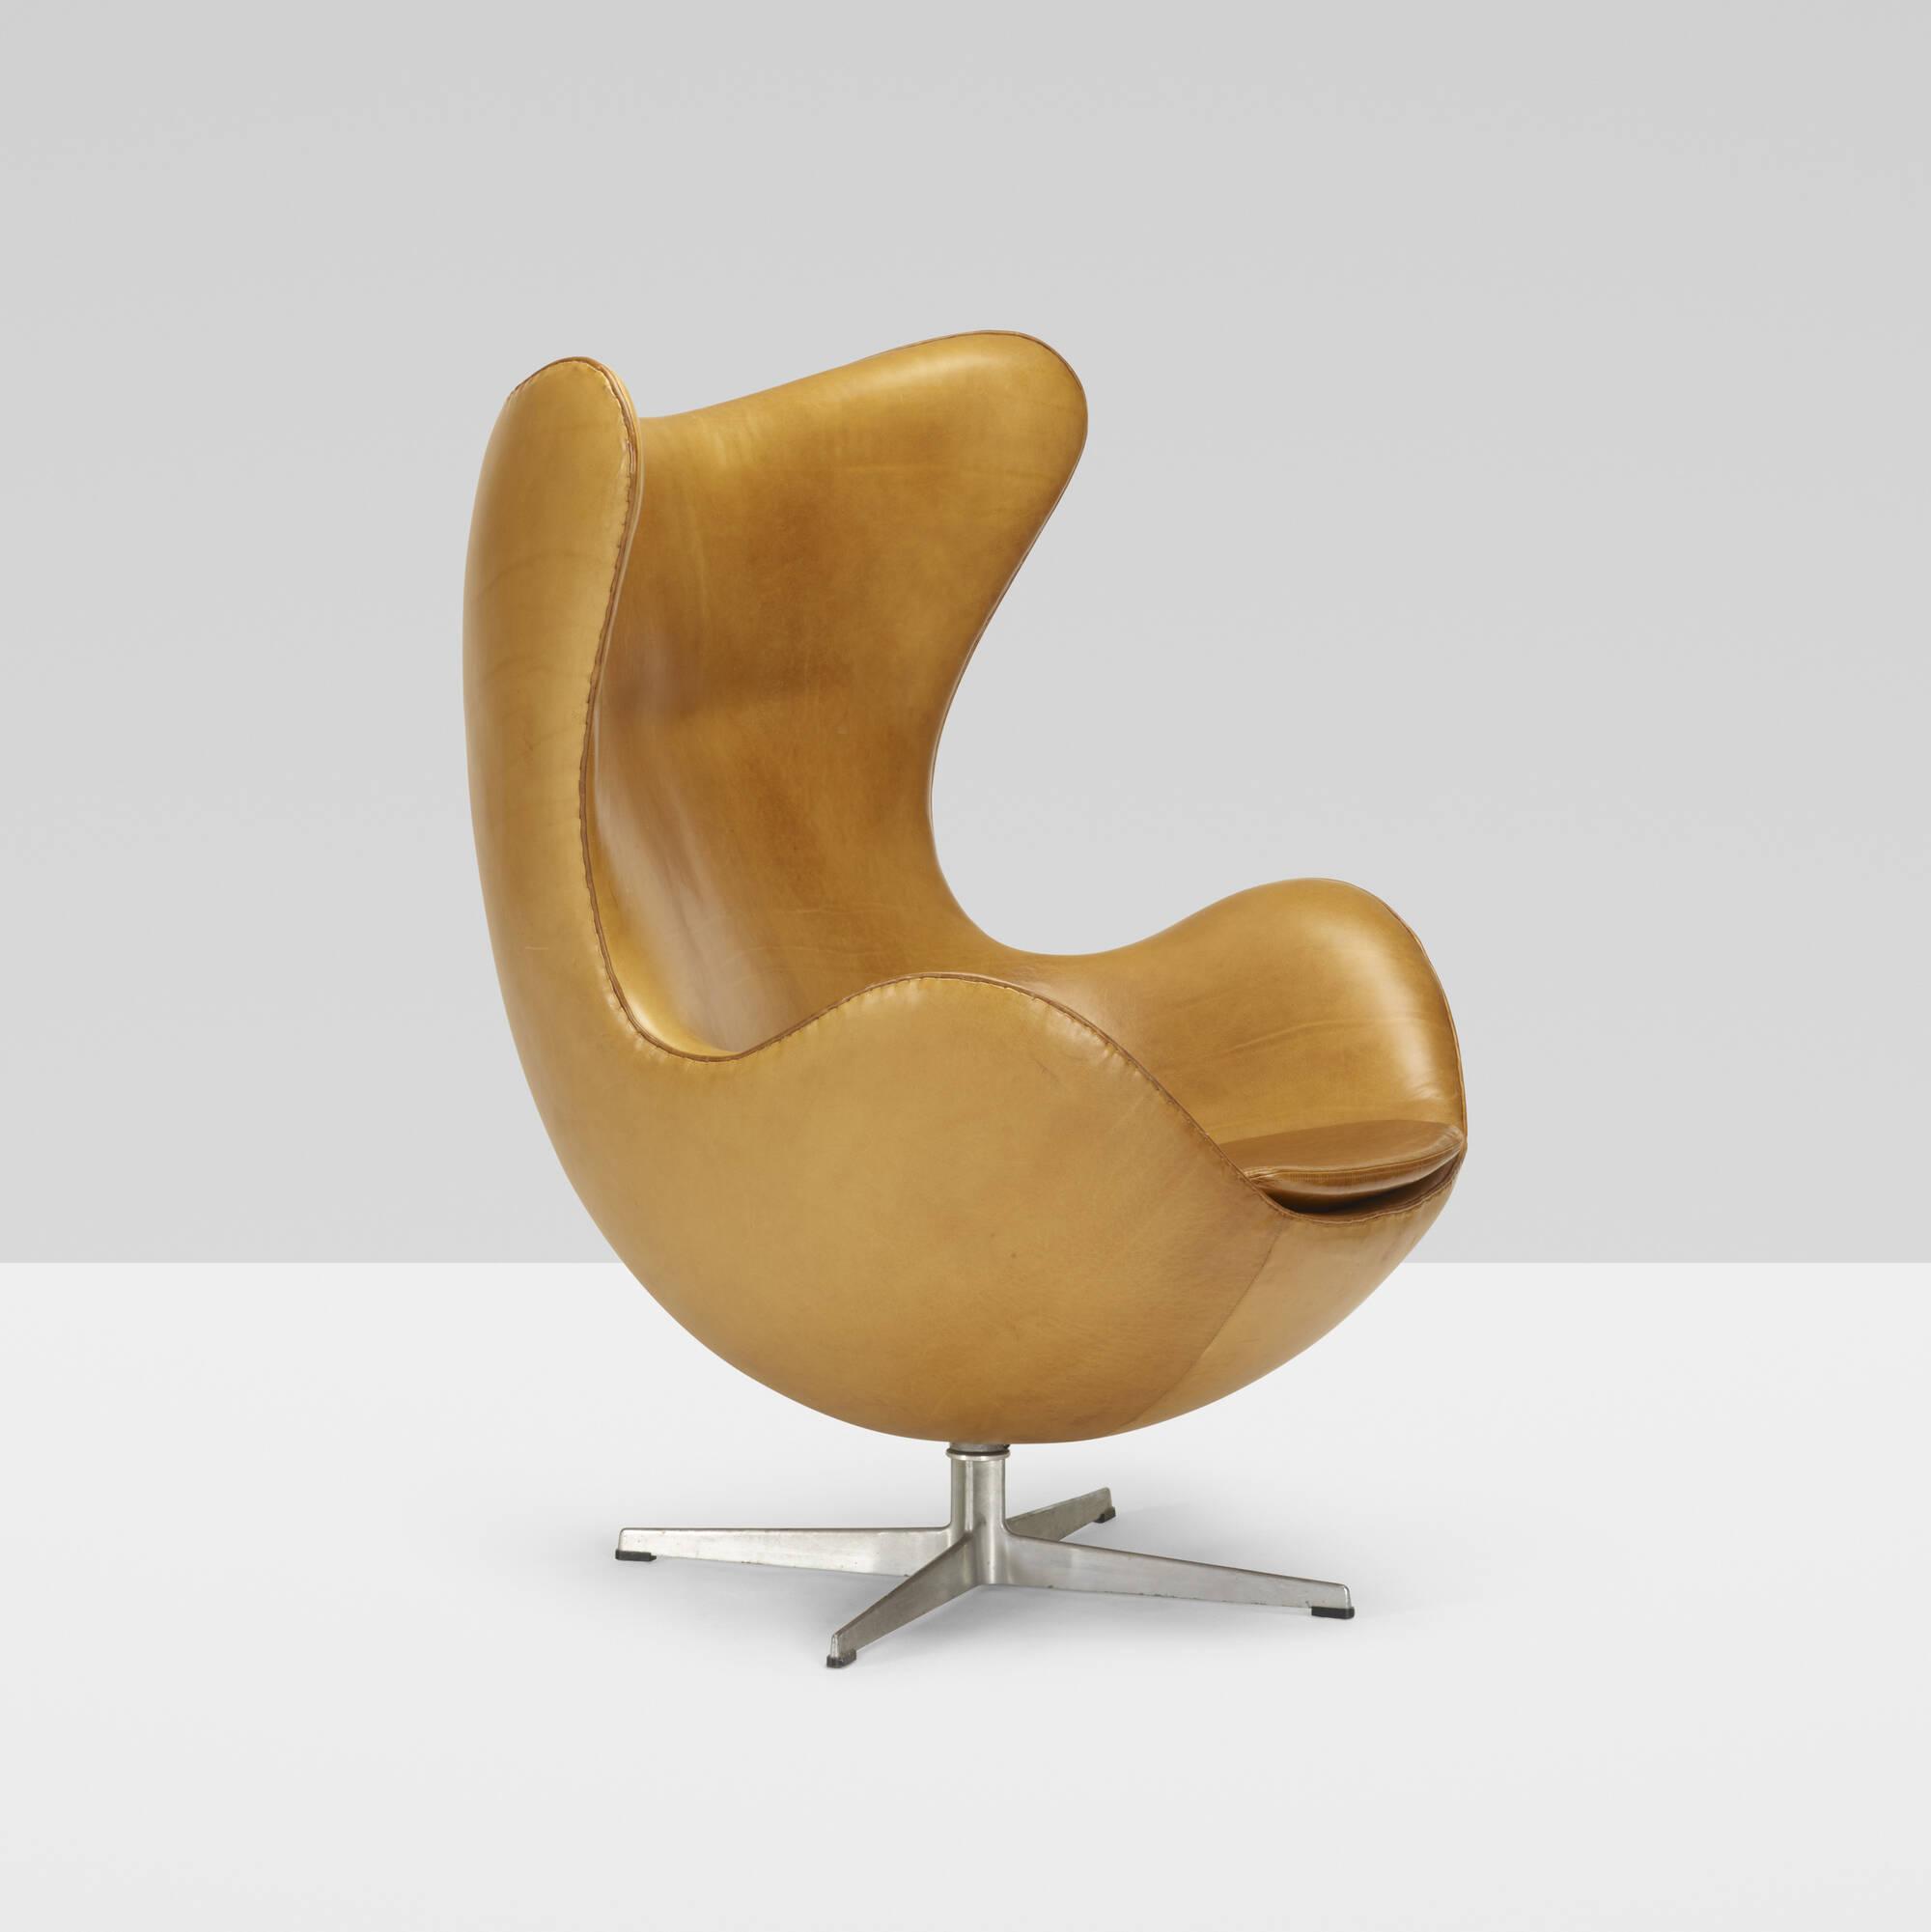 146: Arne Jacobsen / Egg Chair (1 Of 4)